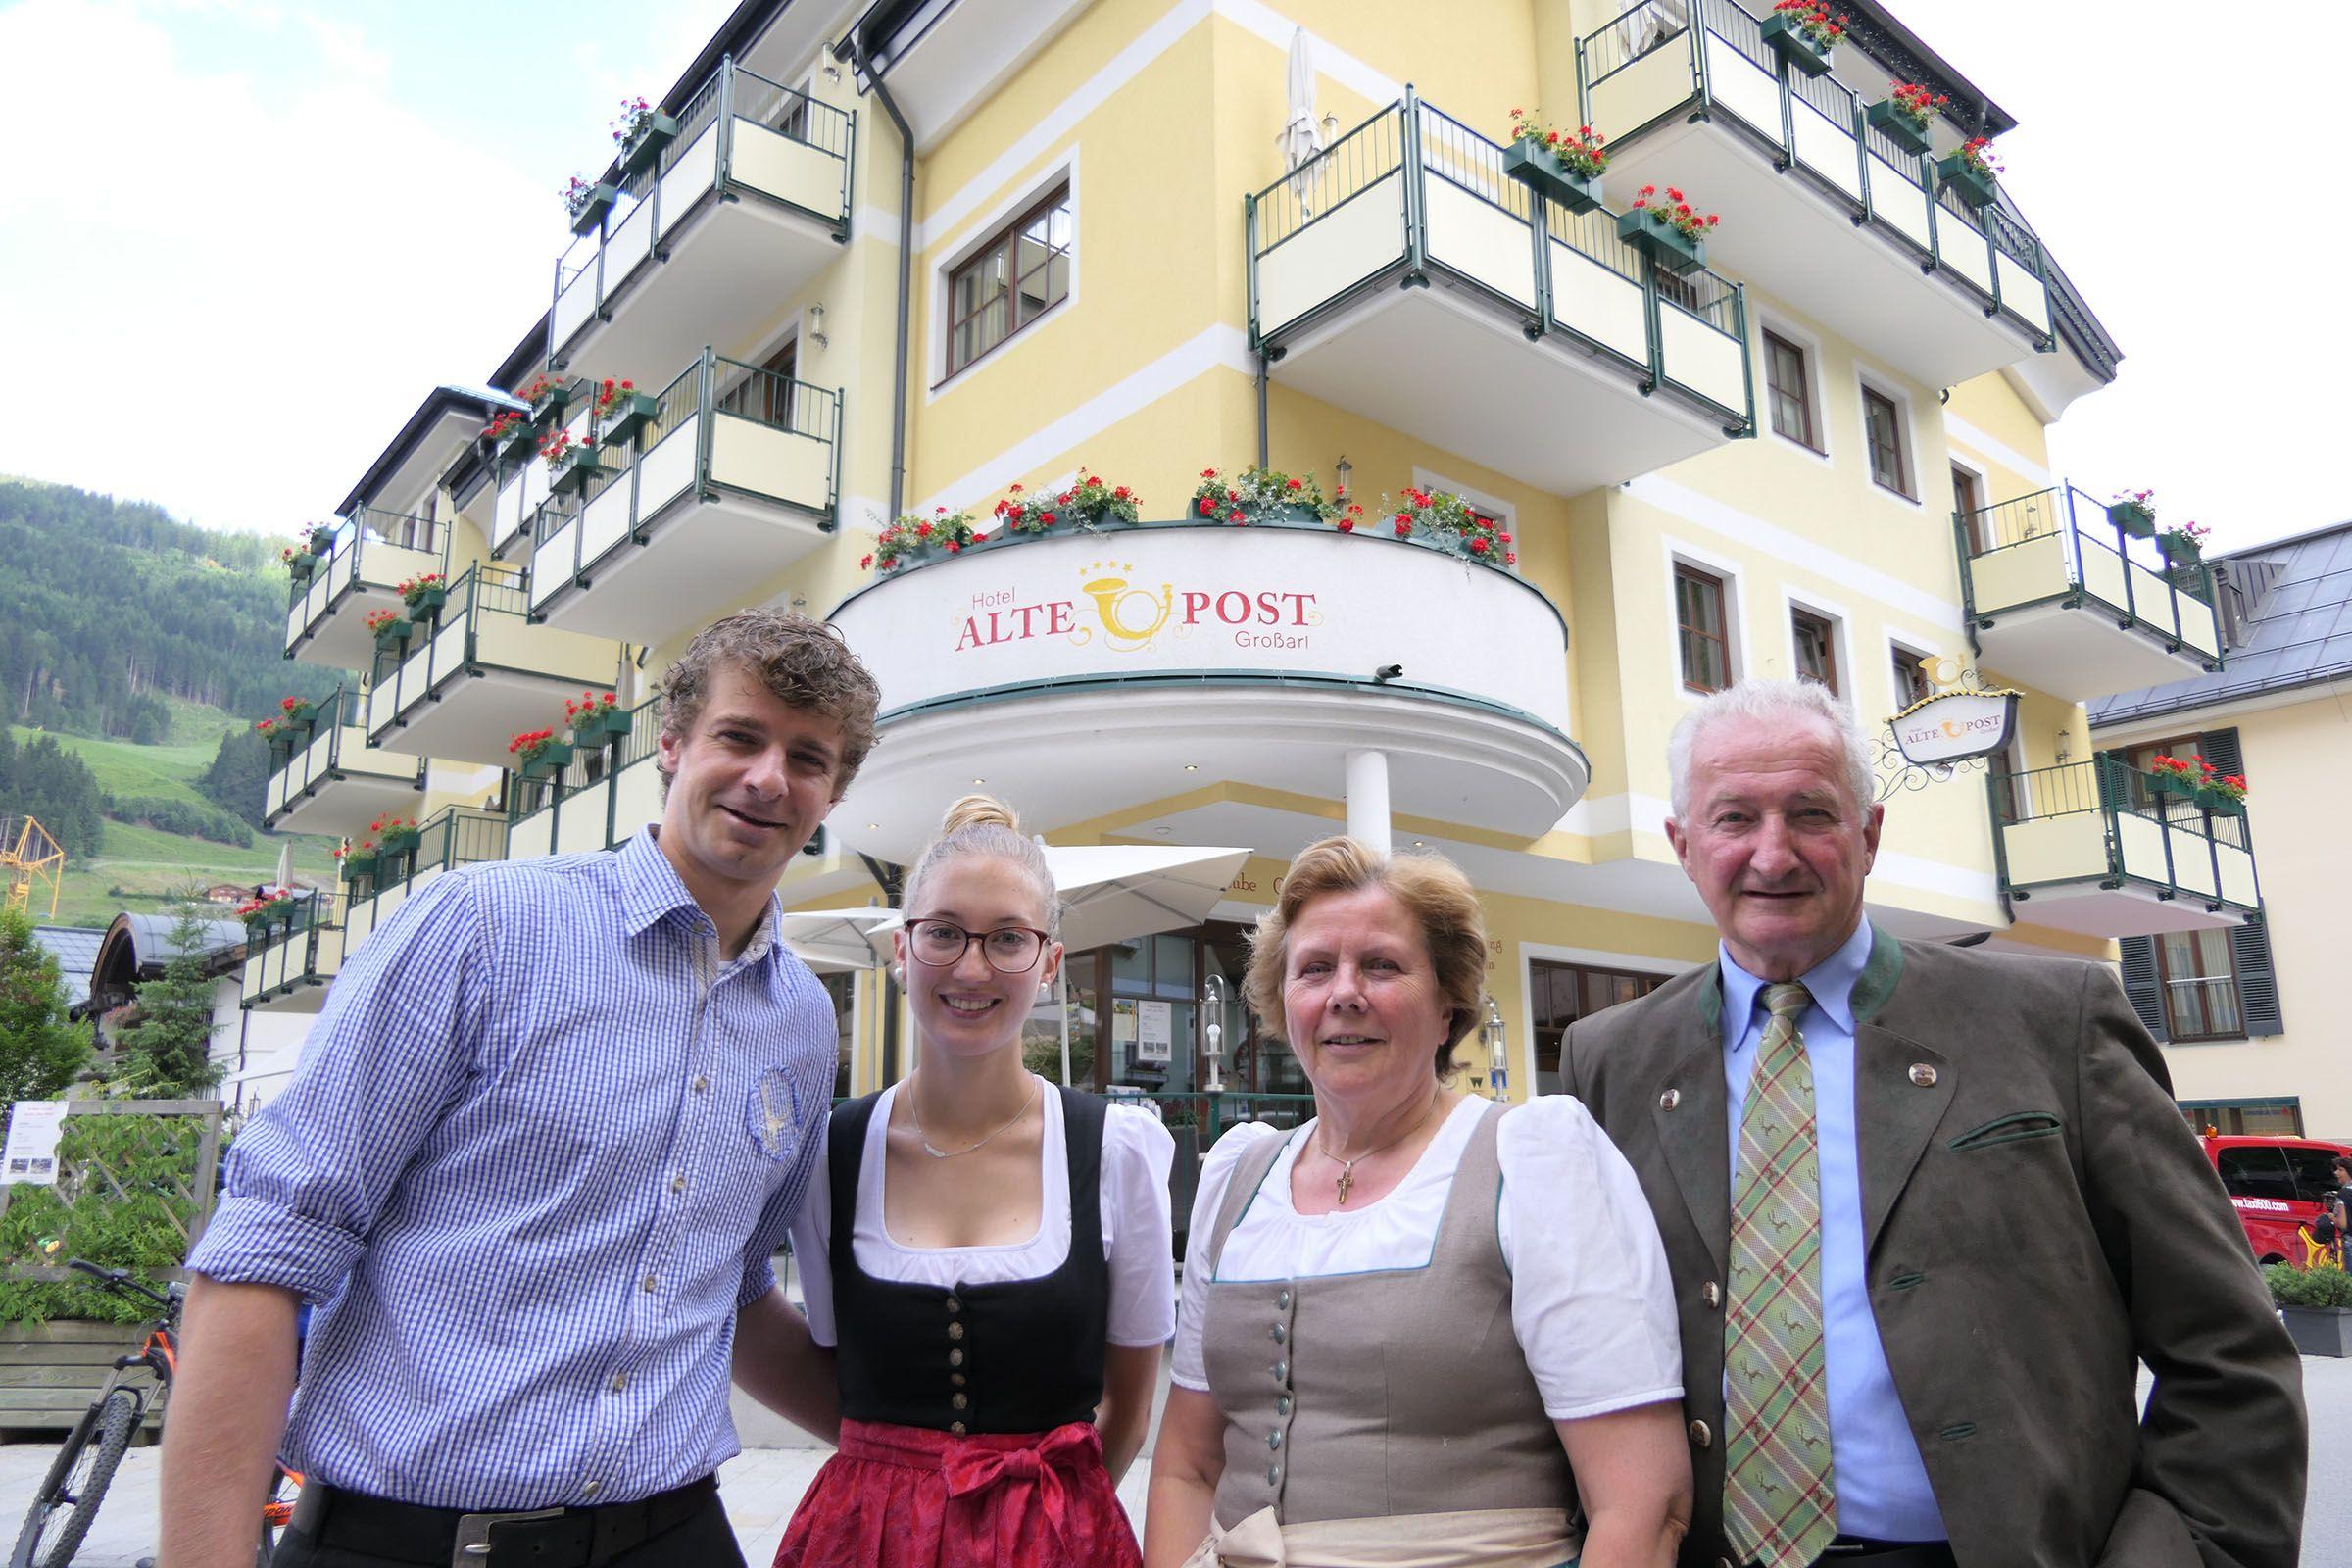 Familie Knapp vor ihrem Hotel Alte Post